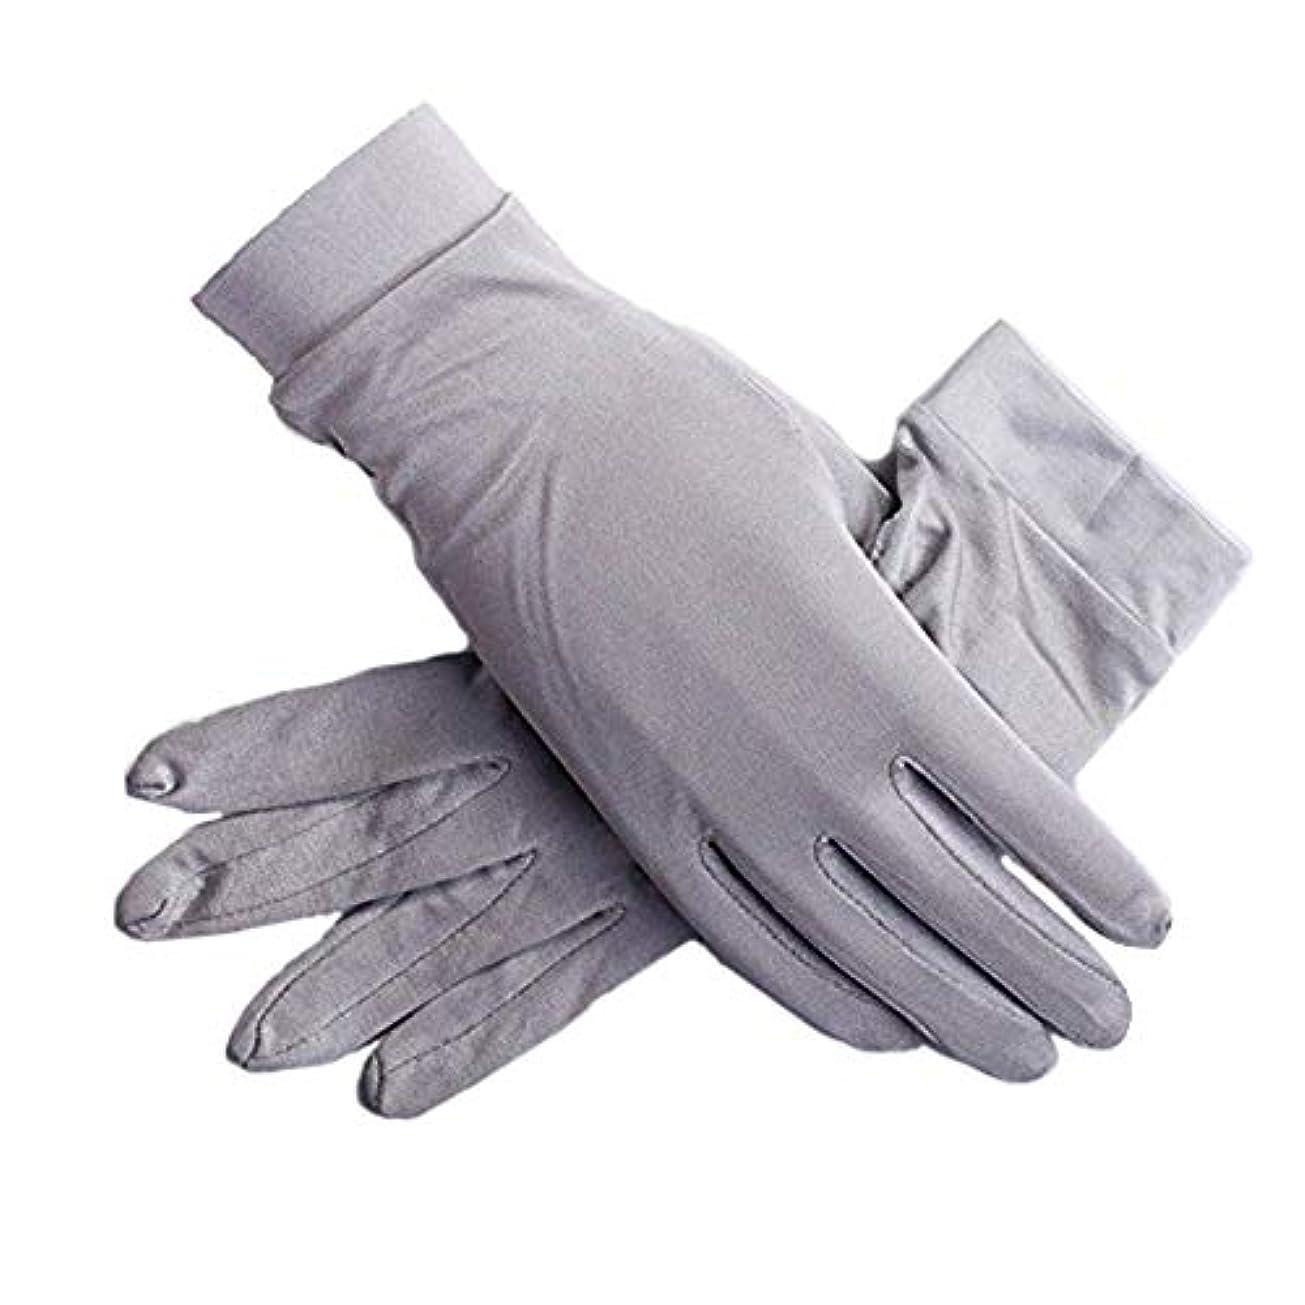 めまい暴徒プレミアムシルク手袋 手袋 シルク uvカット おやすみ 手触りが良い 紫外線 日焼け防止 手荒い 保湿 夏 ハンド